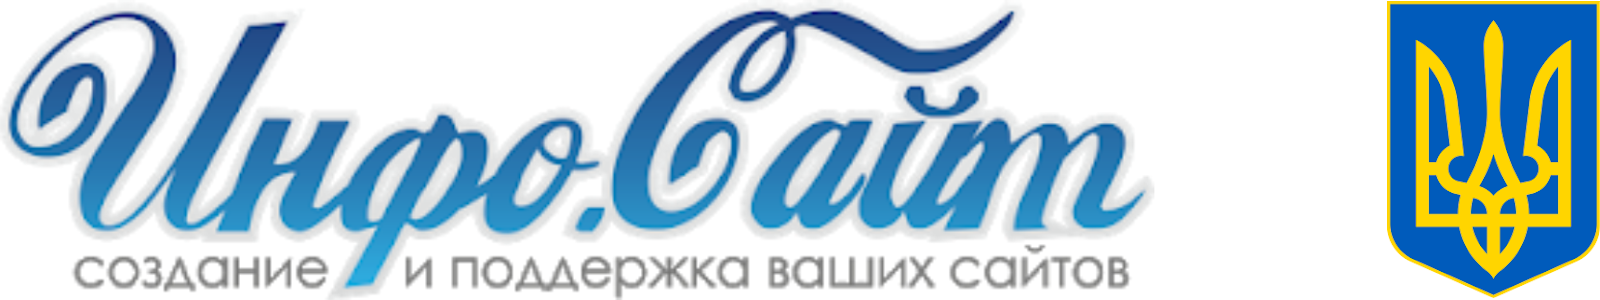 Украина 🌍 Инфо-Сайт : Новости и объявления Украины